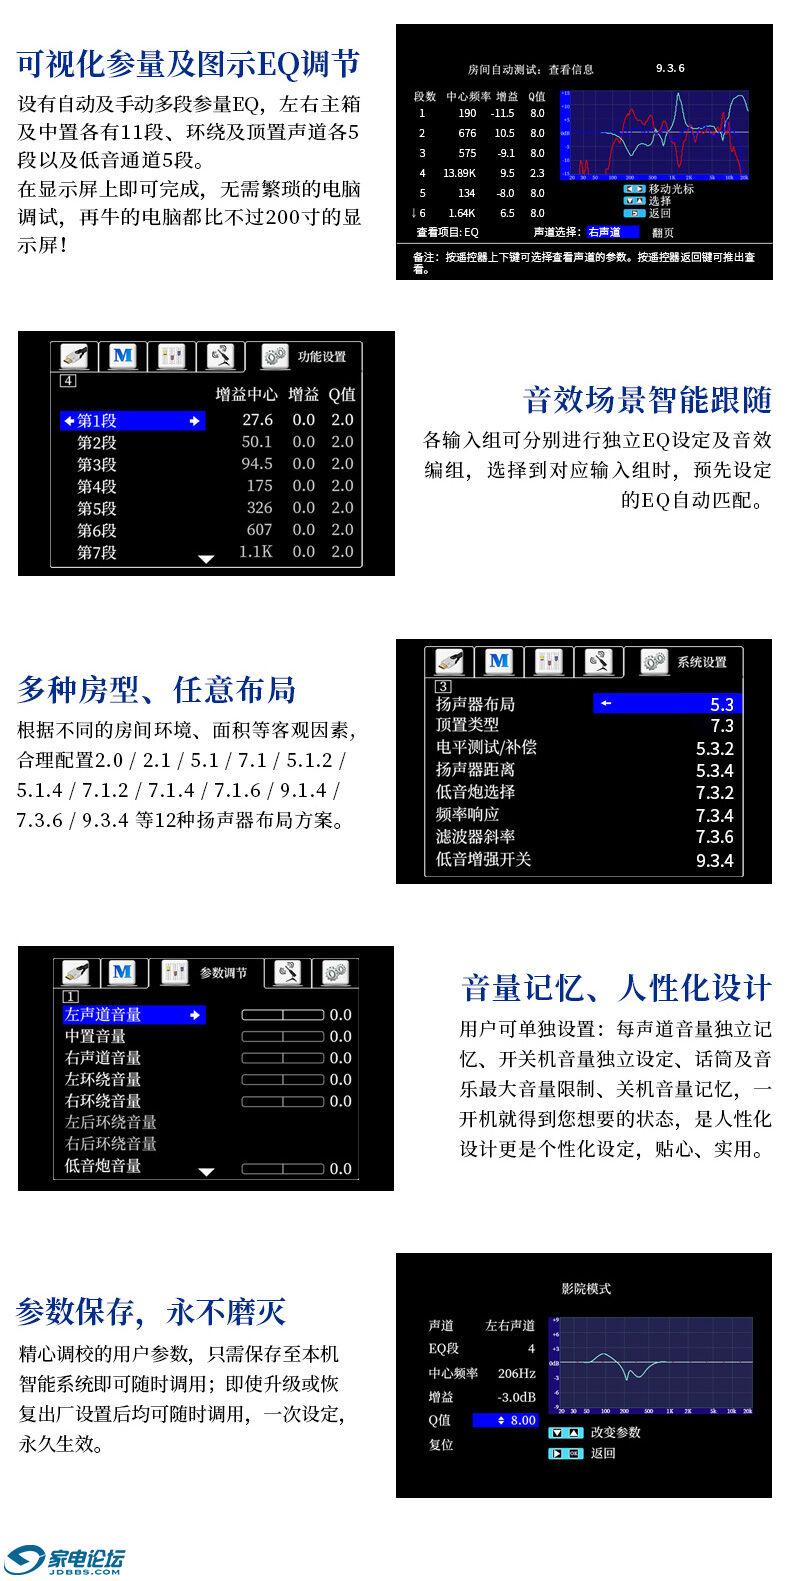 AT-300手机版_11.jpg